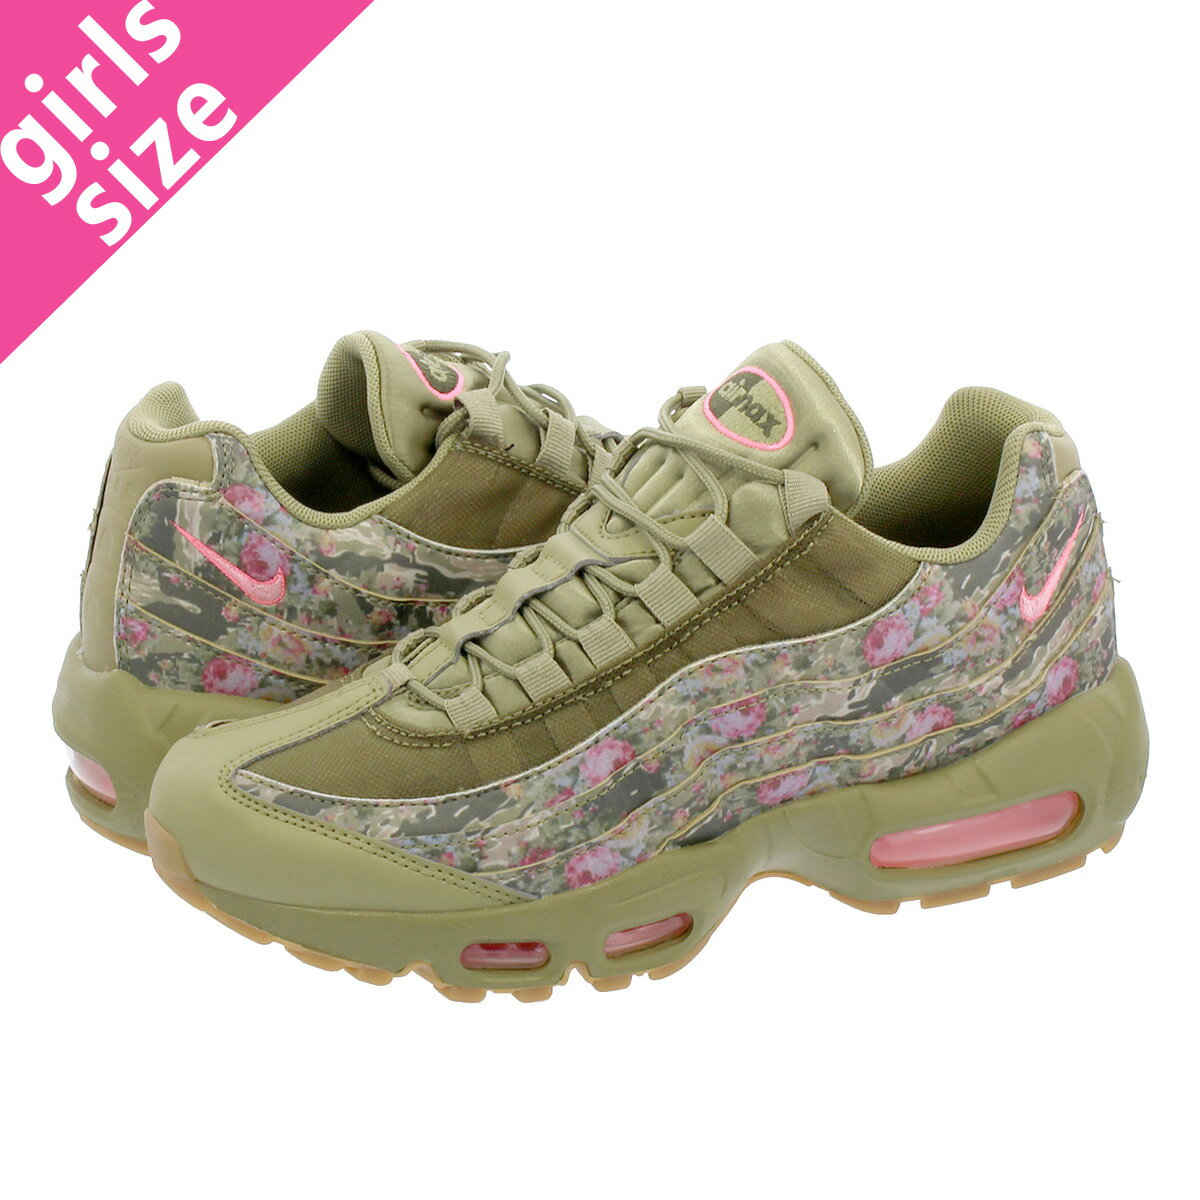 レディース靴, スニーカー NIKE WMNS AIR MAX 95 95 NEUTRAL OLIVEARCTIC PUNCH aq6385-200